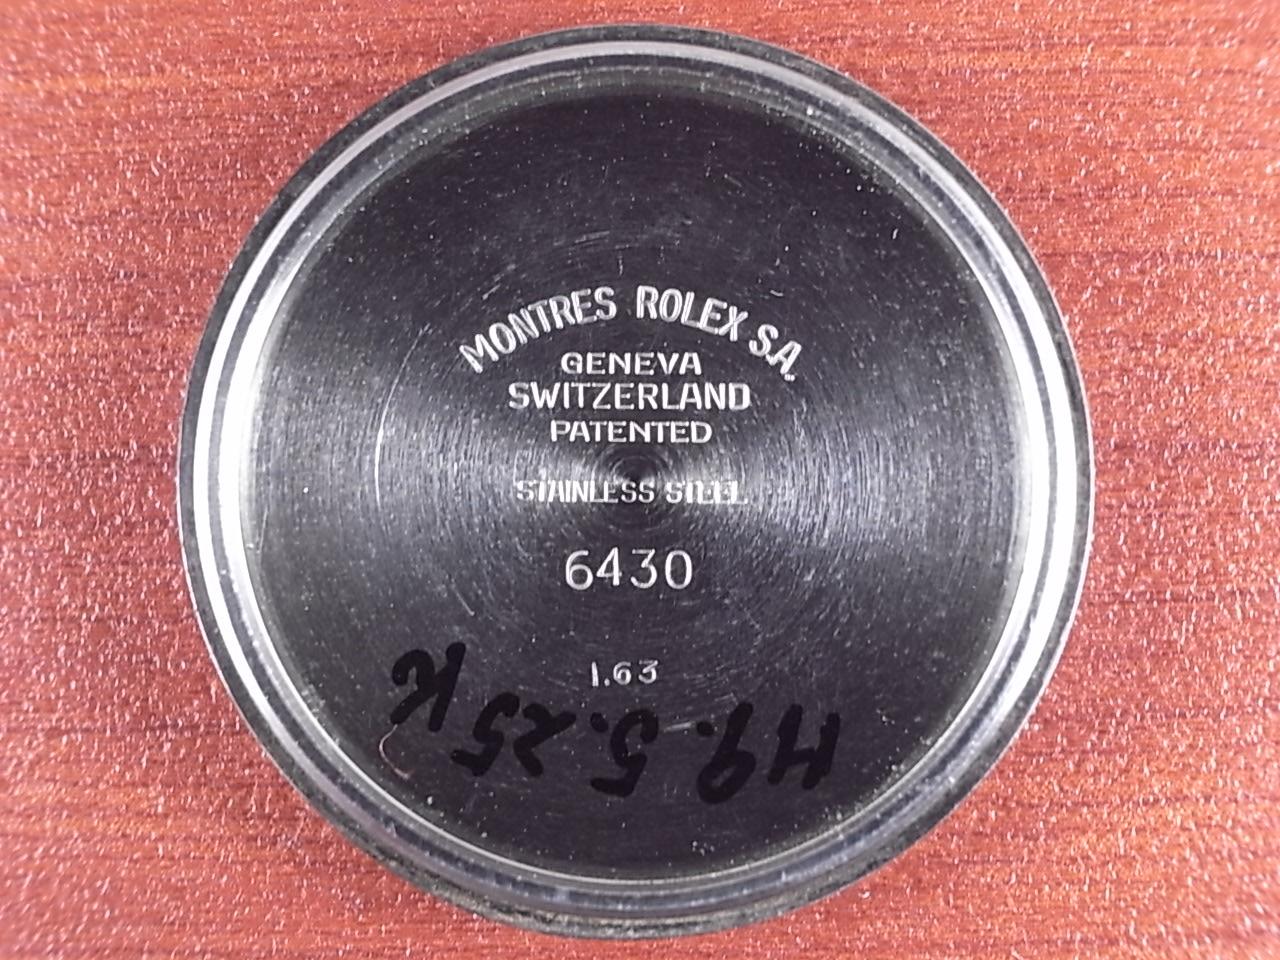 ロレックス スピードキング Ref.6430 ブラックミラー ボーイズサイズ 1960年代の写真6枚目